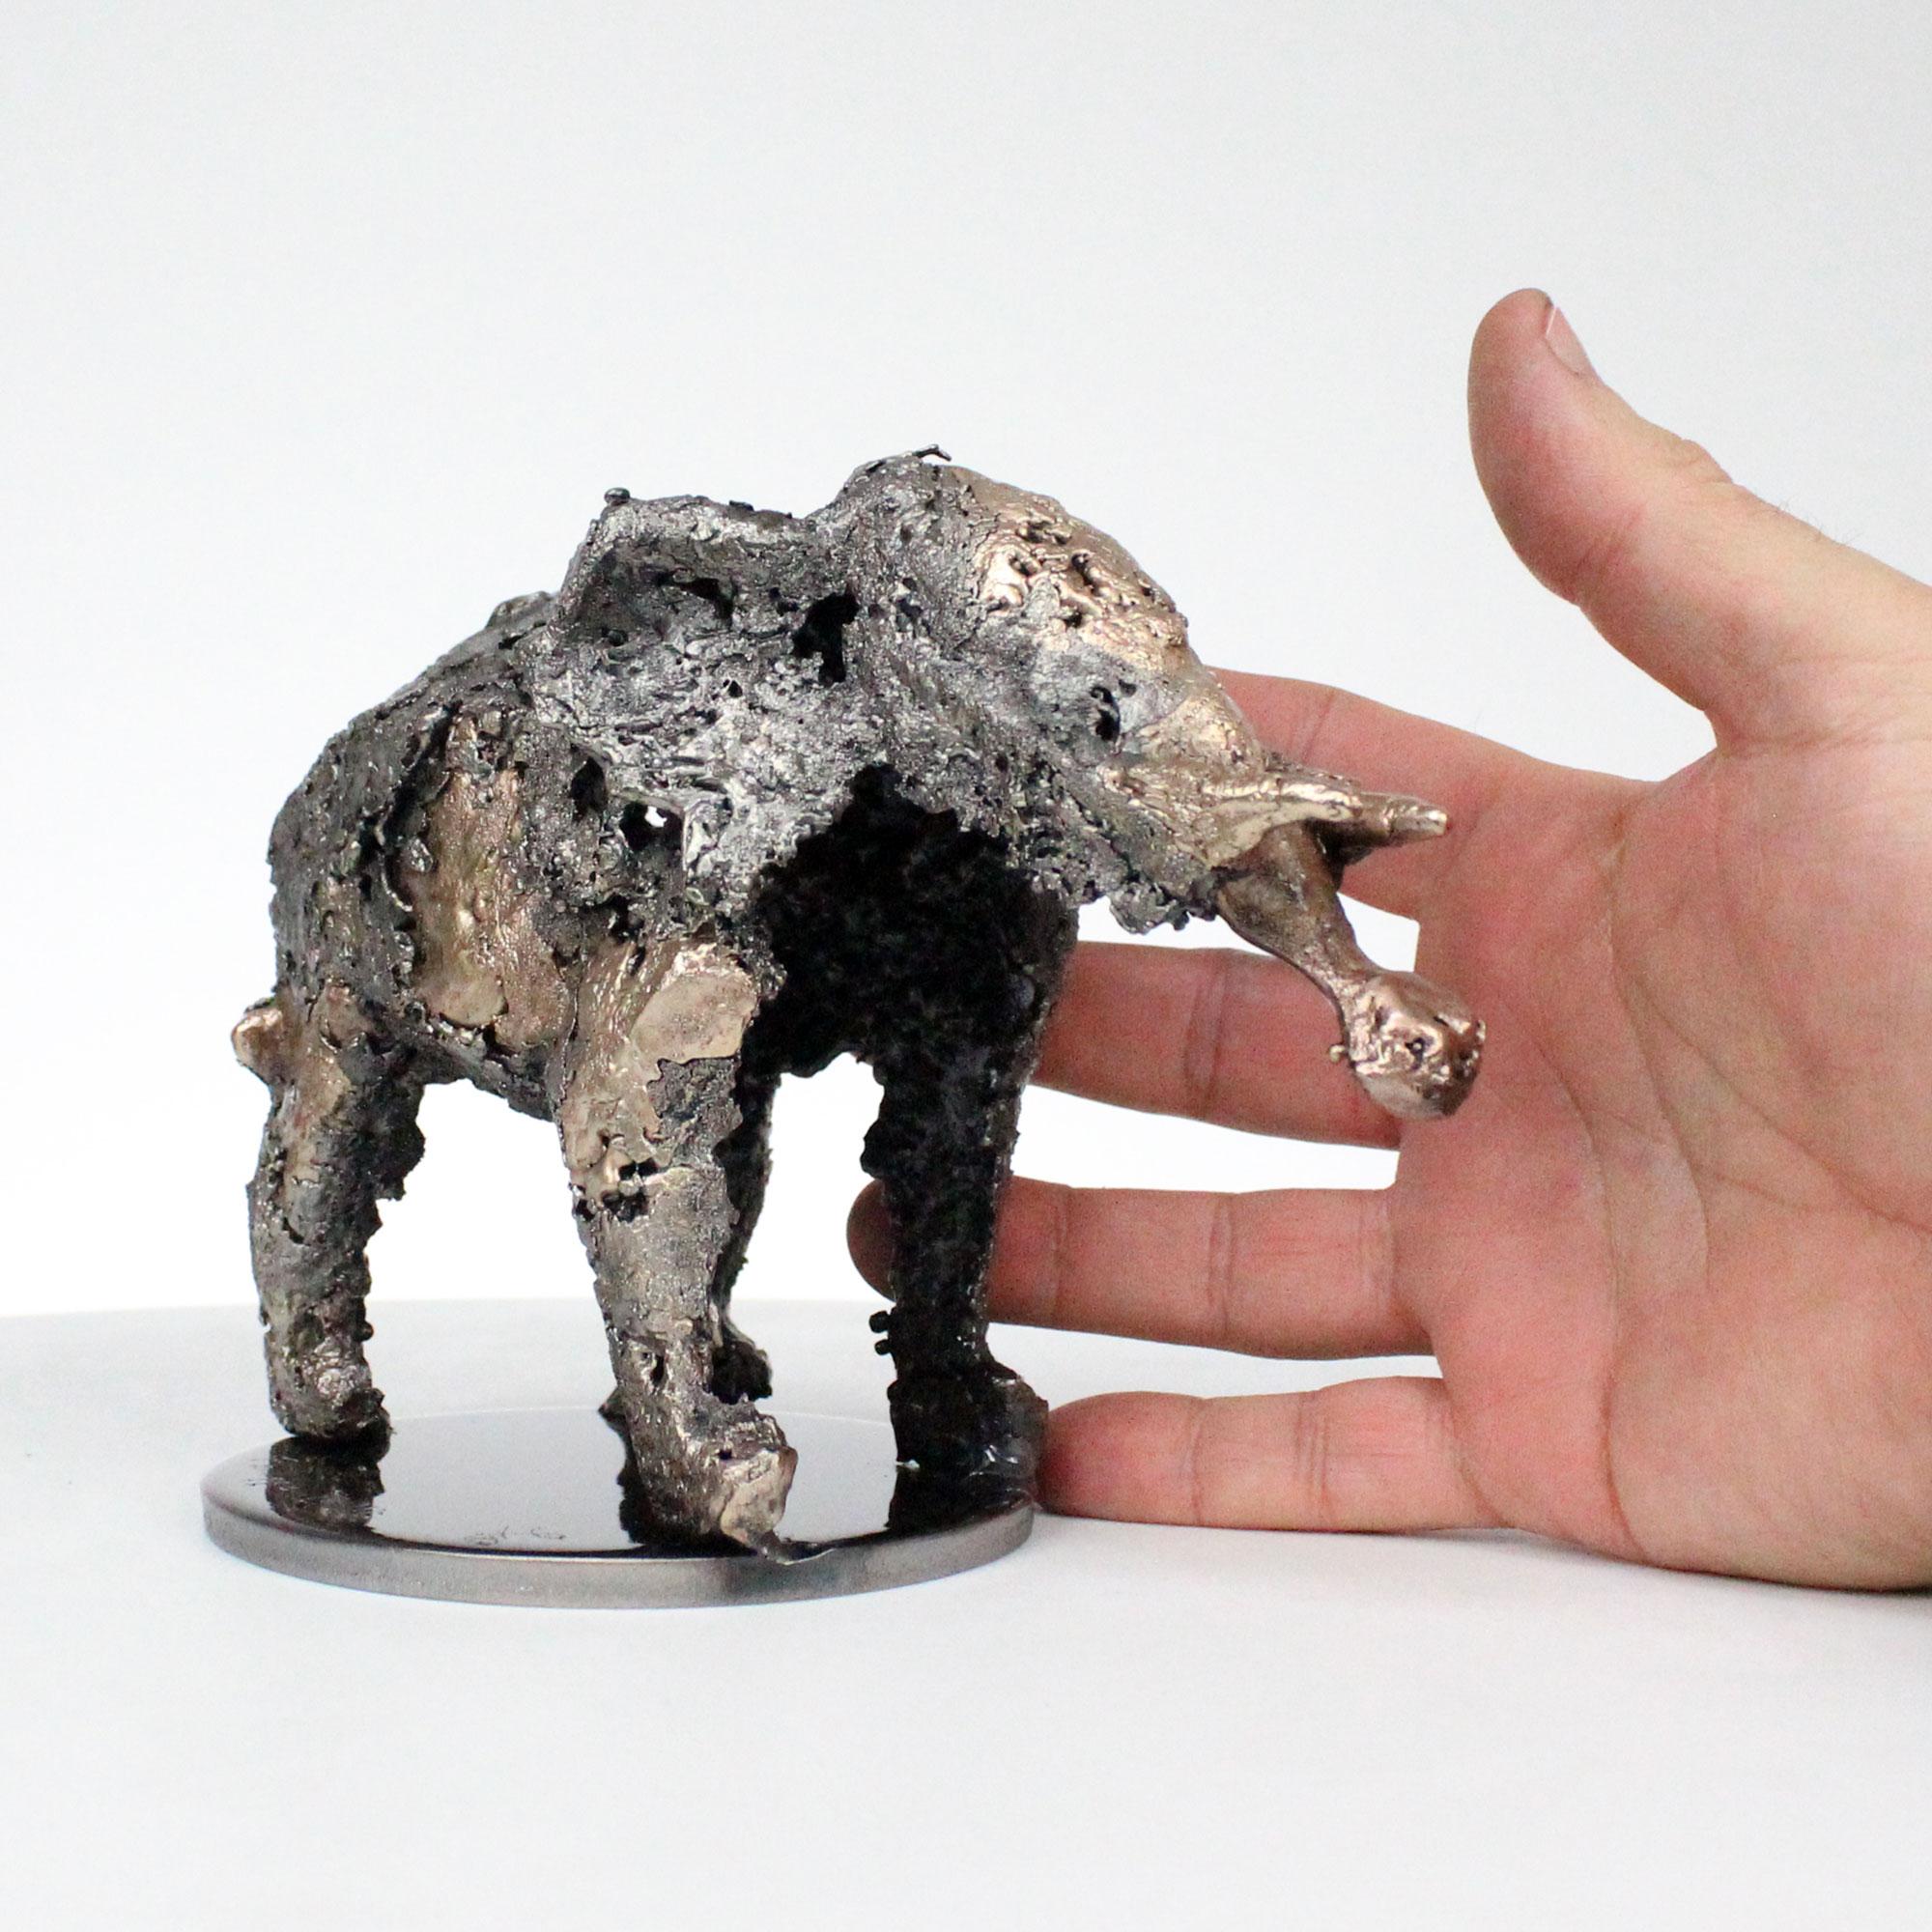 Sculpture de Philippe Buil en metal Dentelle de Bronze et d'acier représentant un elephant Piece unique Sculpture of Philippe Buil in metal Bronze and steel lace representing an elephant Unique Piece